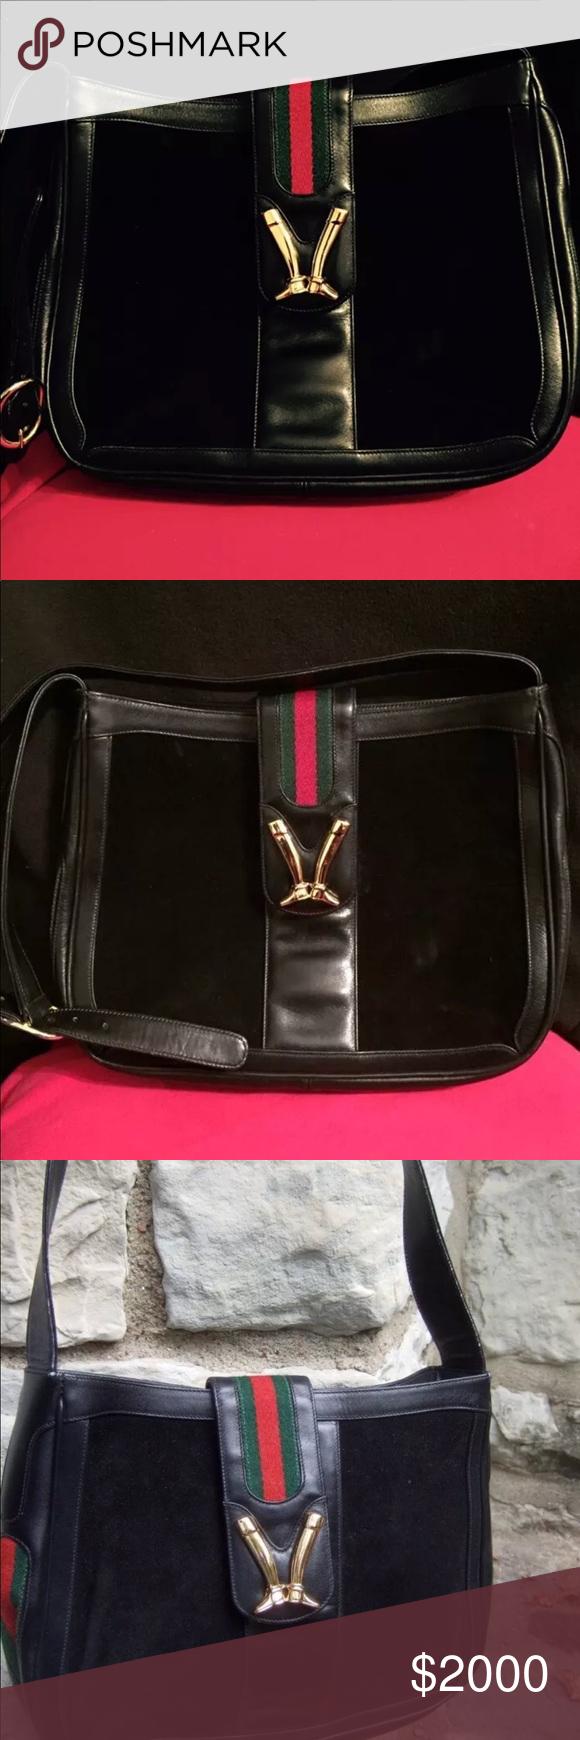 48cc473baf47 GUCCI Vintage Black Equestrian Shoulder Bag GUCCI Rare Black Vintage  leather equestrian boot clasp shoulder bag